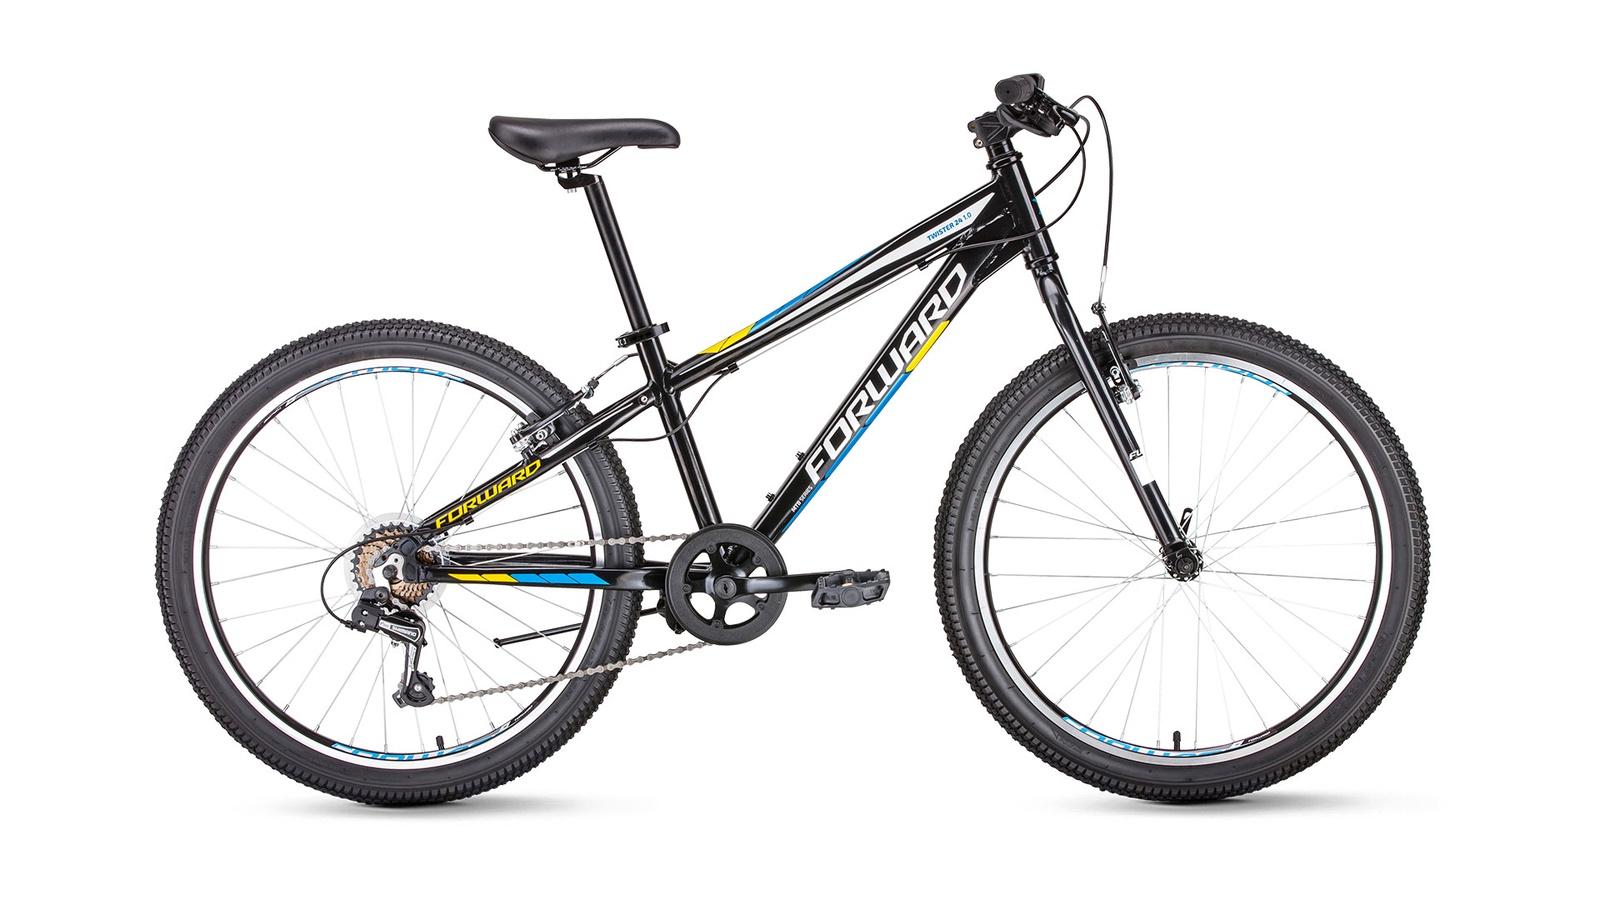 Велосипед Forward Twister 24 1.0, черный велосипед forward twister 24 1 0 2019